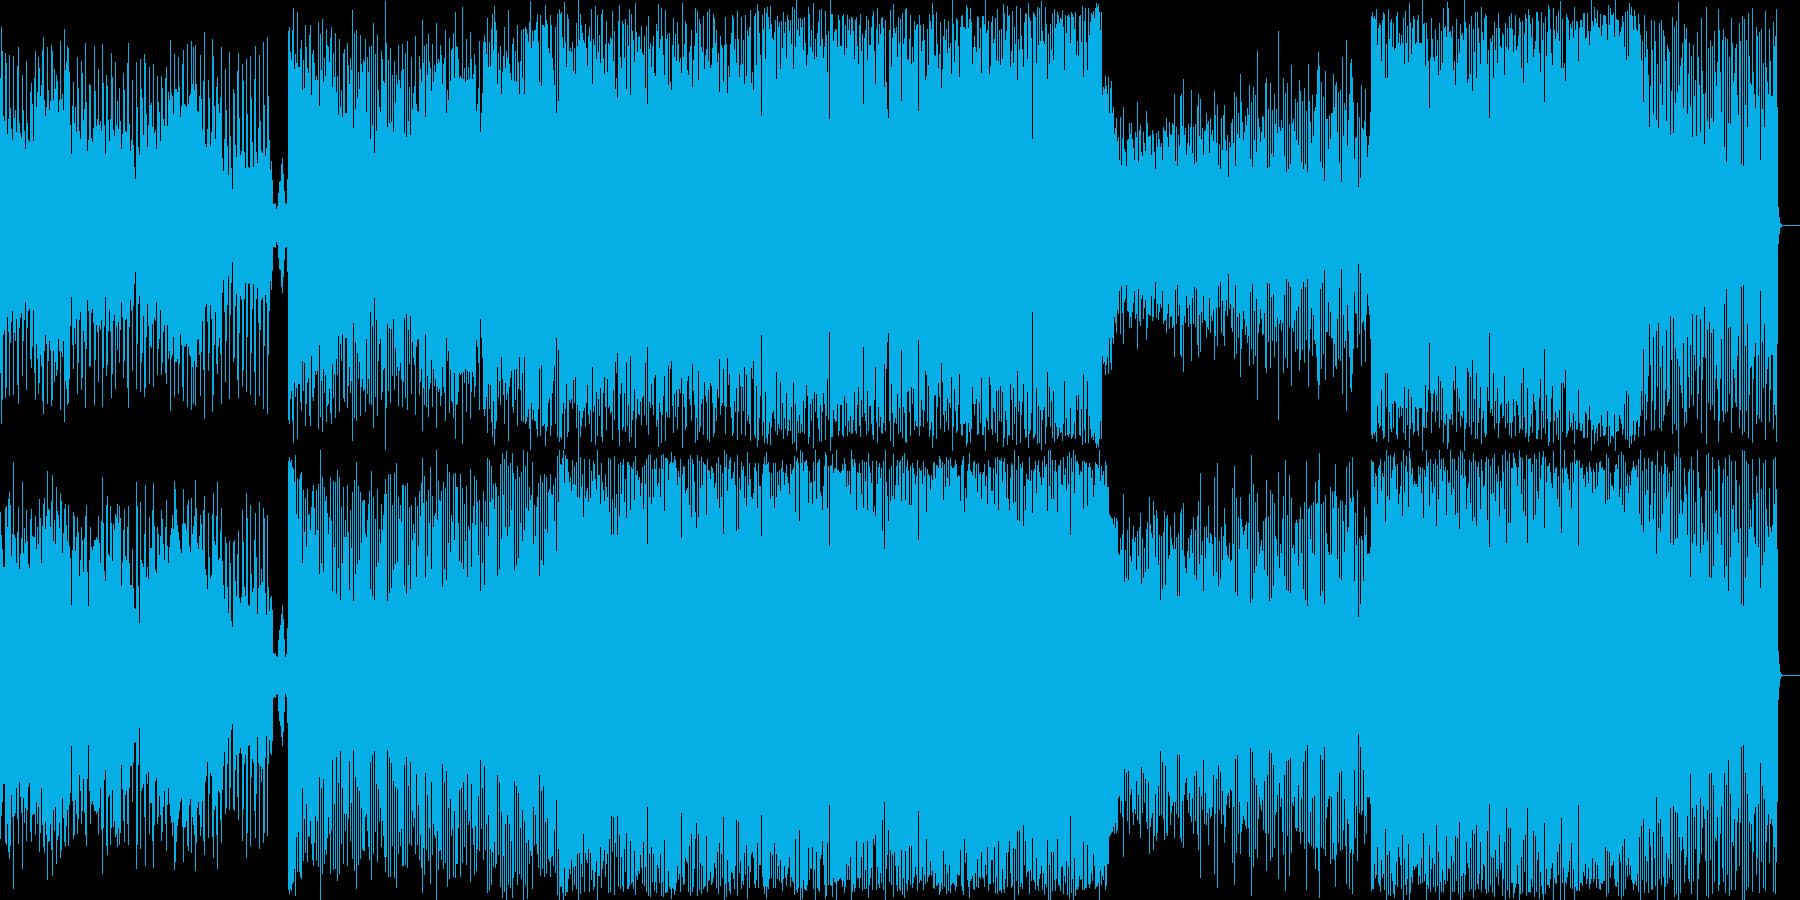 ラストボス、オーケストラ・ハウス系の再生済みの波形